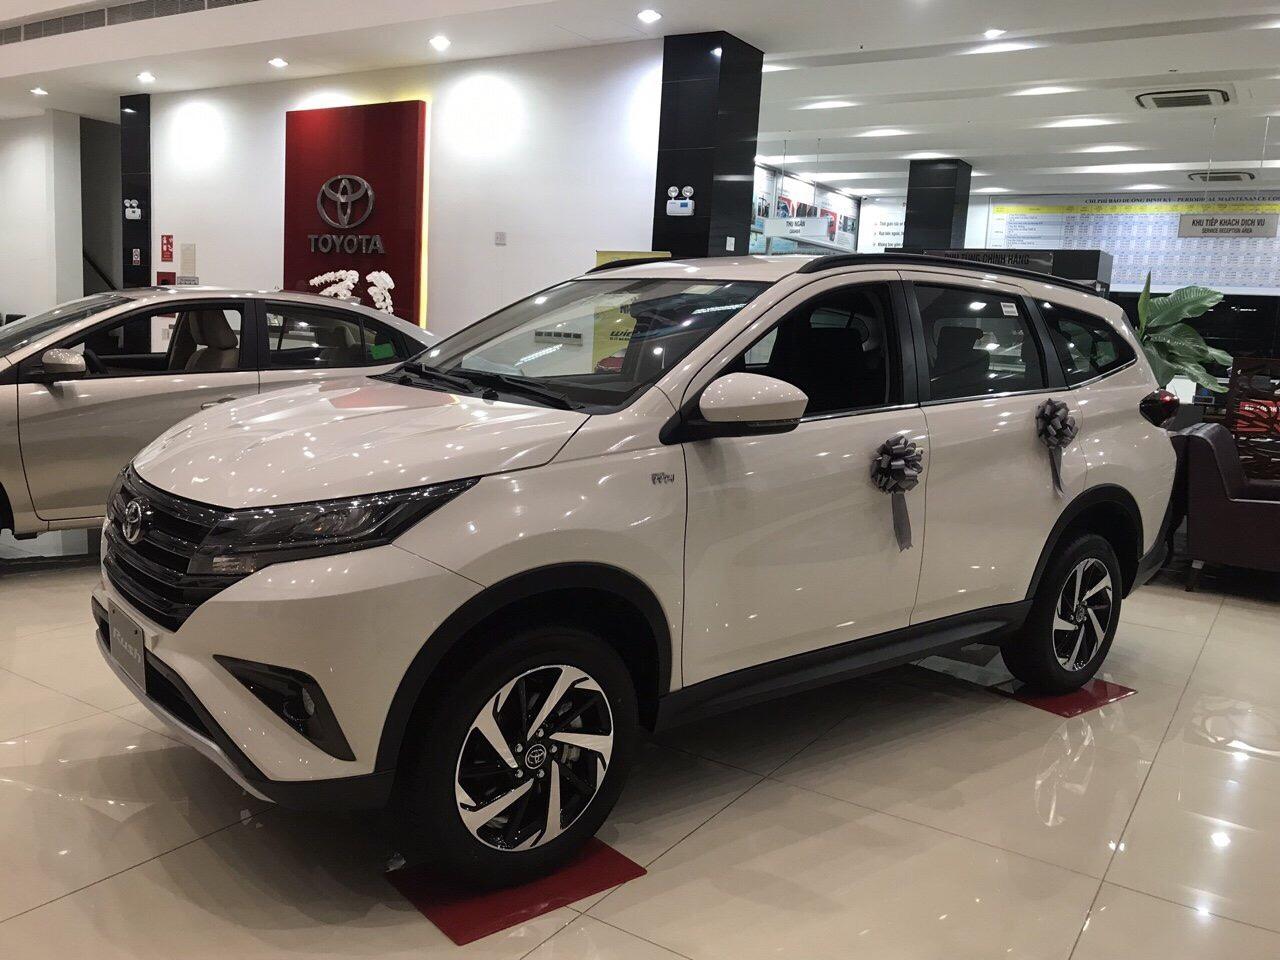 Toyota Rush màu trắng ảnh 8 - Toyota Rush: giá xe và khuyến mãi tháng [hienthithang]